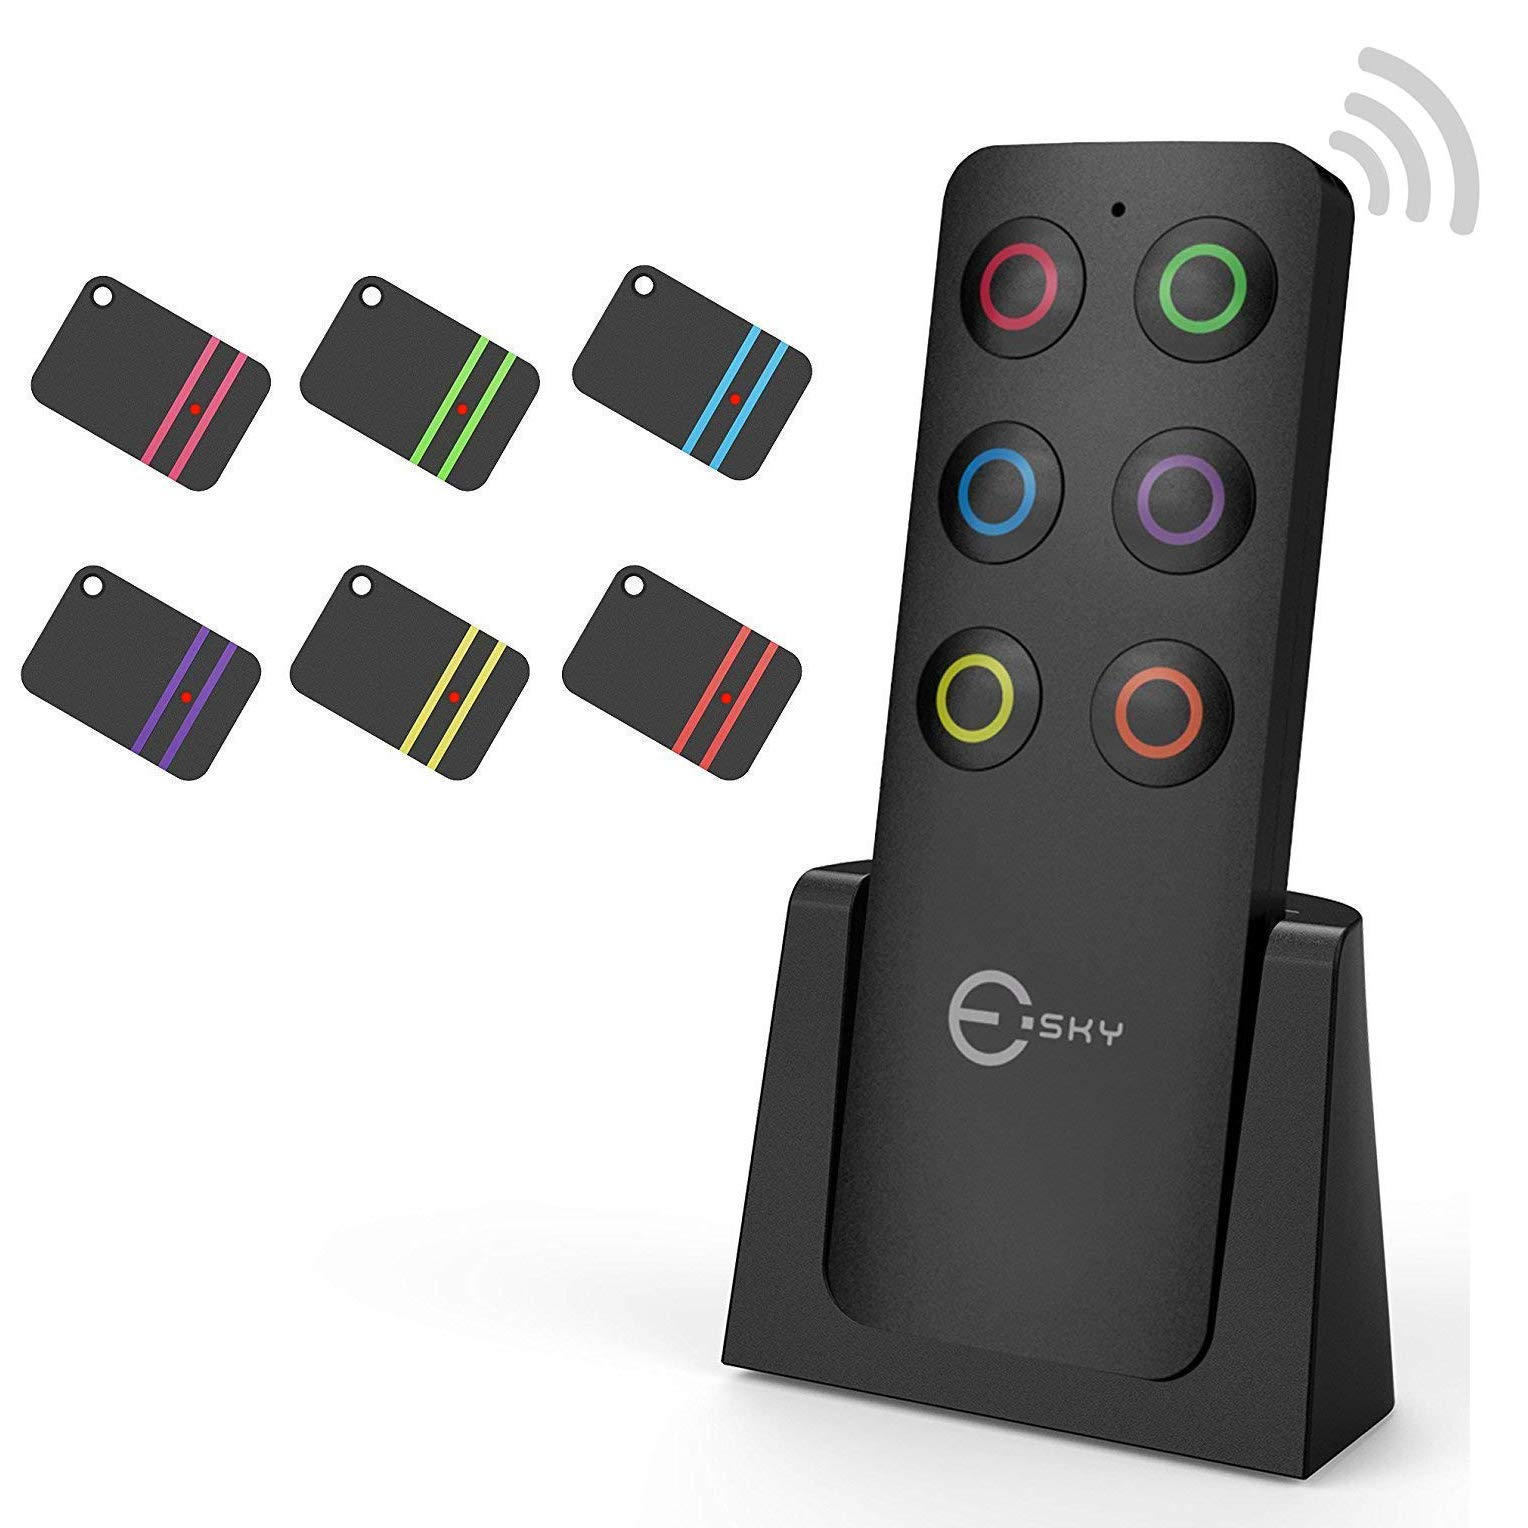 Localizzatore per Chiavi, Esky, trasmettitore Wireless con 6 ricevitori RF, localizzatore per Animali Domestici, Chiavi o Portafogli, Una buona Idea per ...